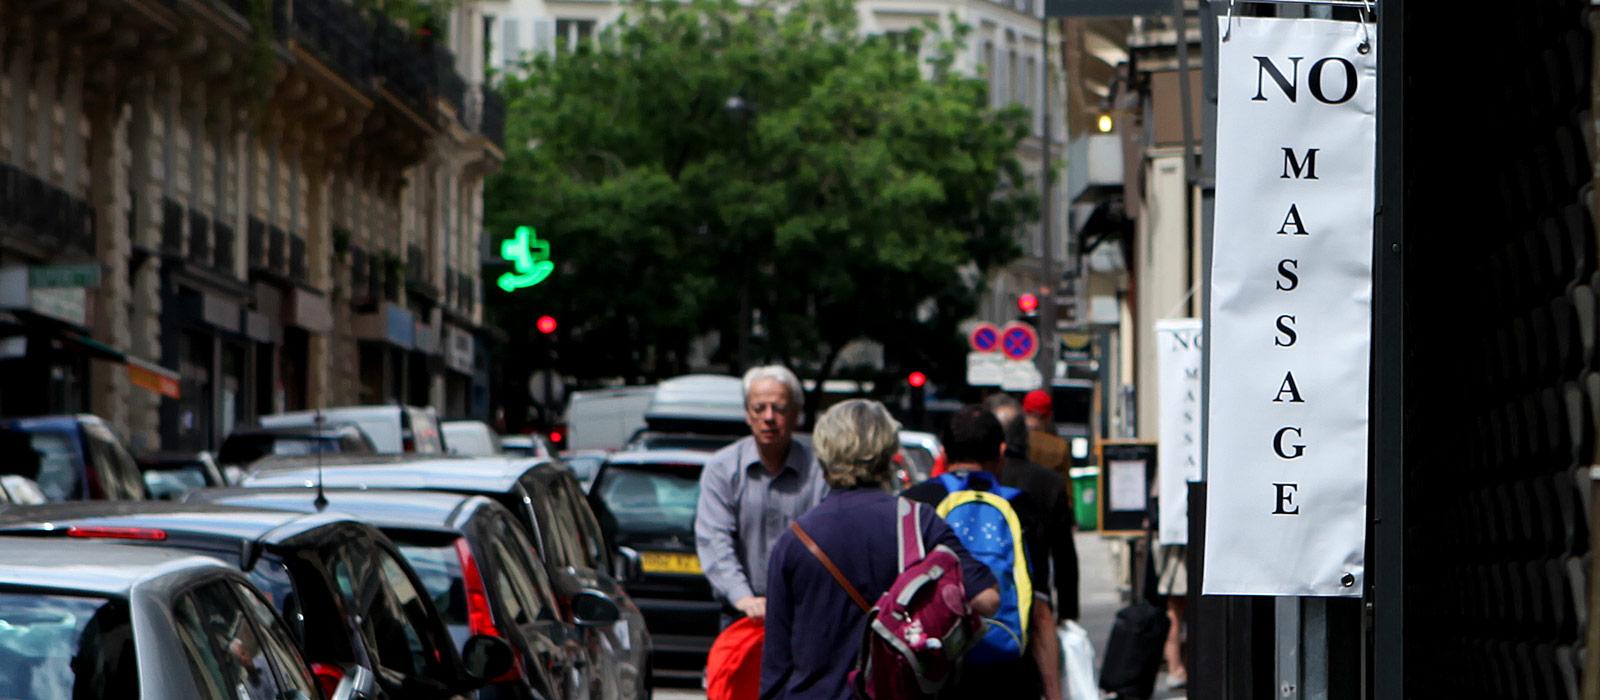 Les boutiques branch es veulent virer les masseuses tha es de leur rue streetpress - Salon de massage prostitution ...